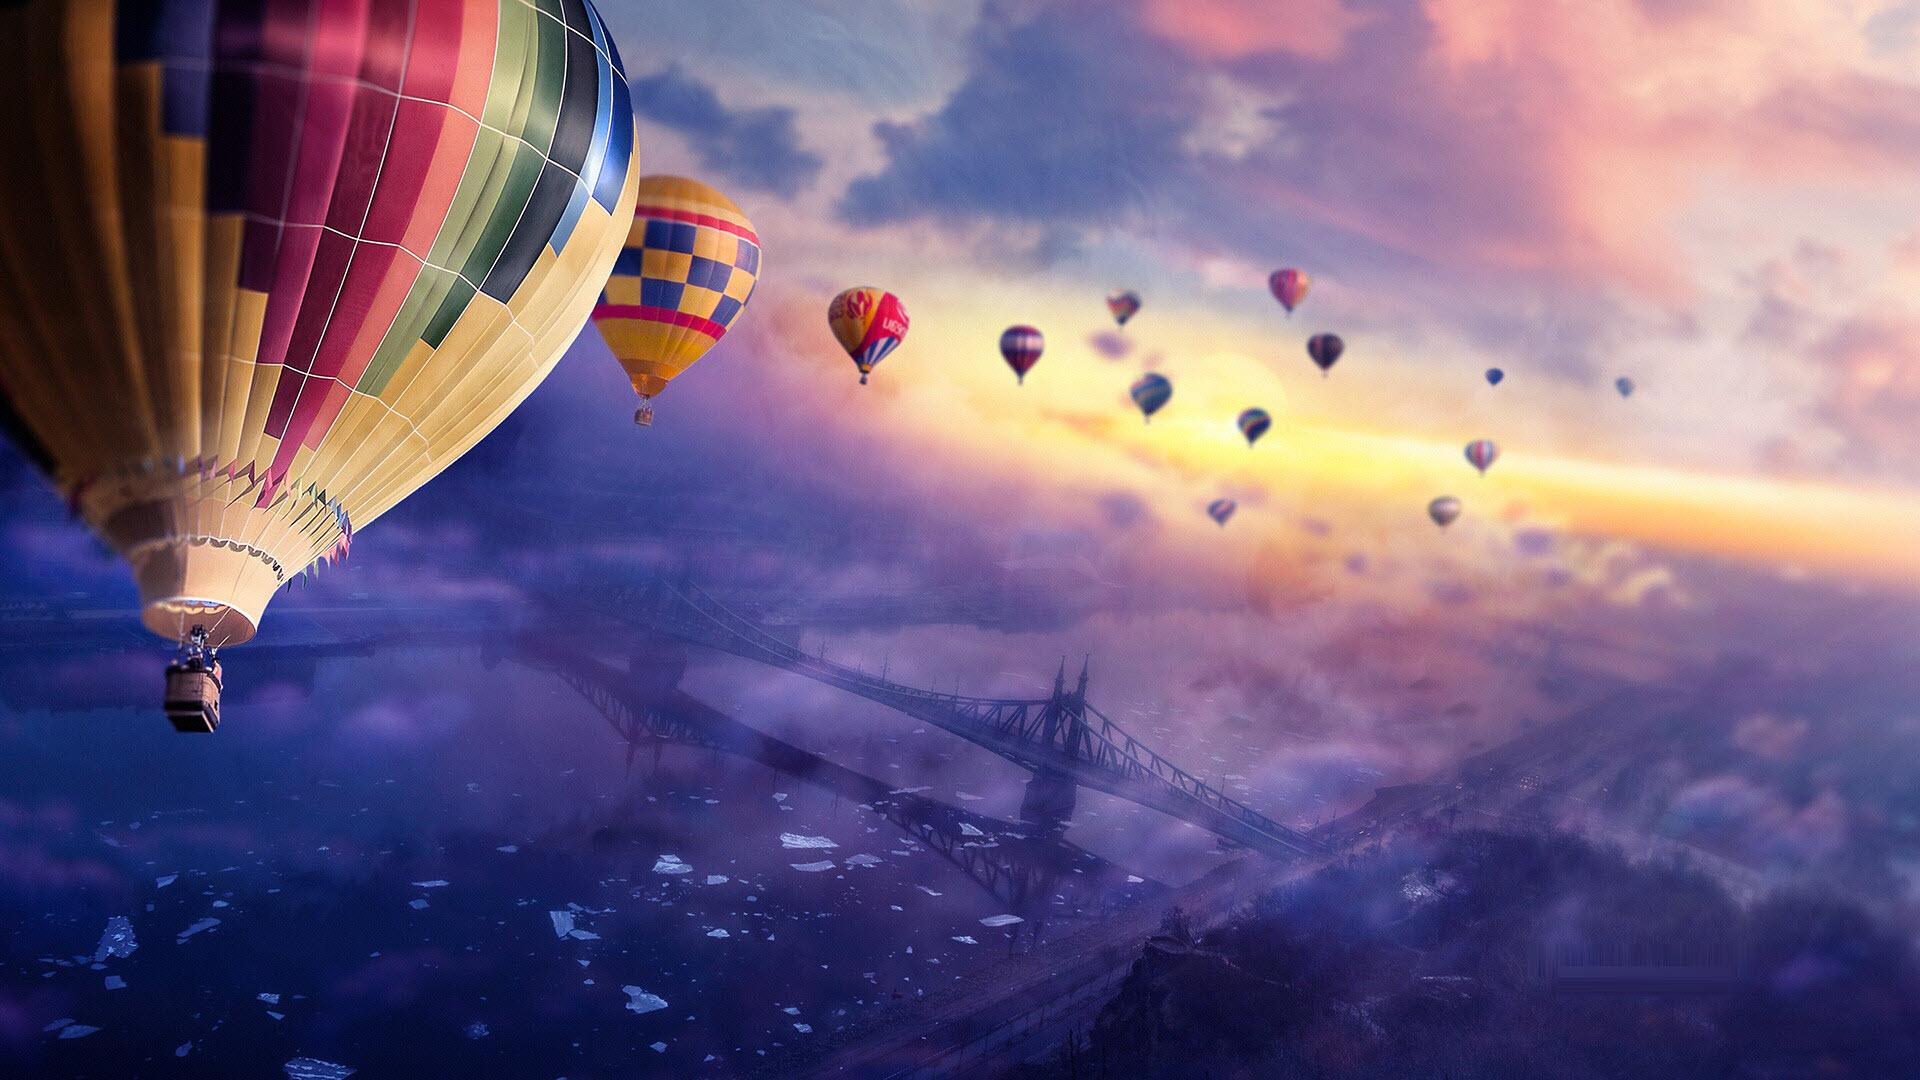 Hot Air Ballon Sunset Wallpaper